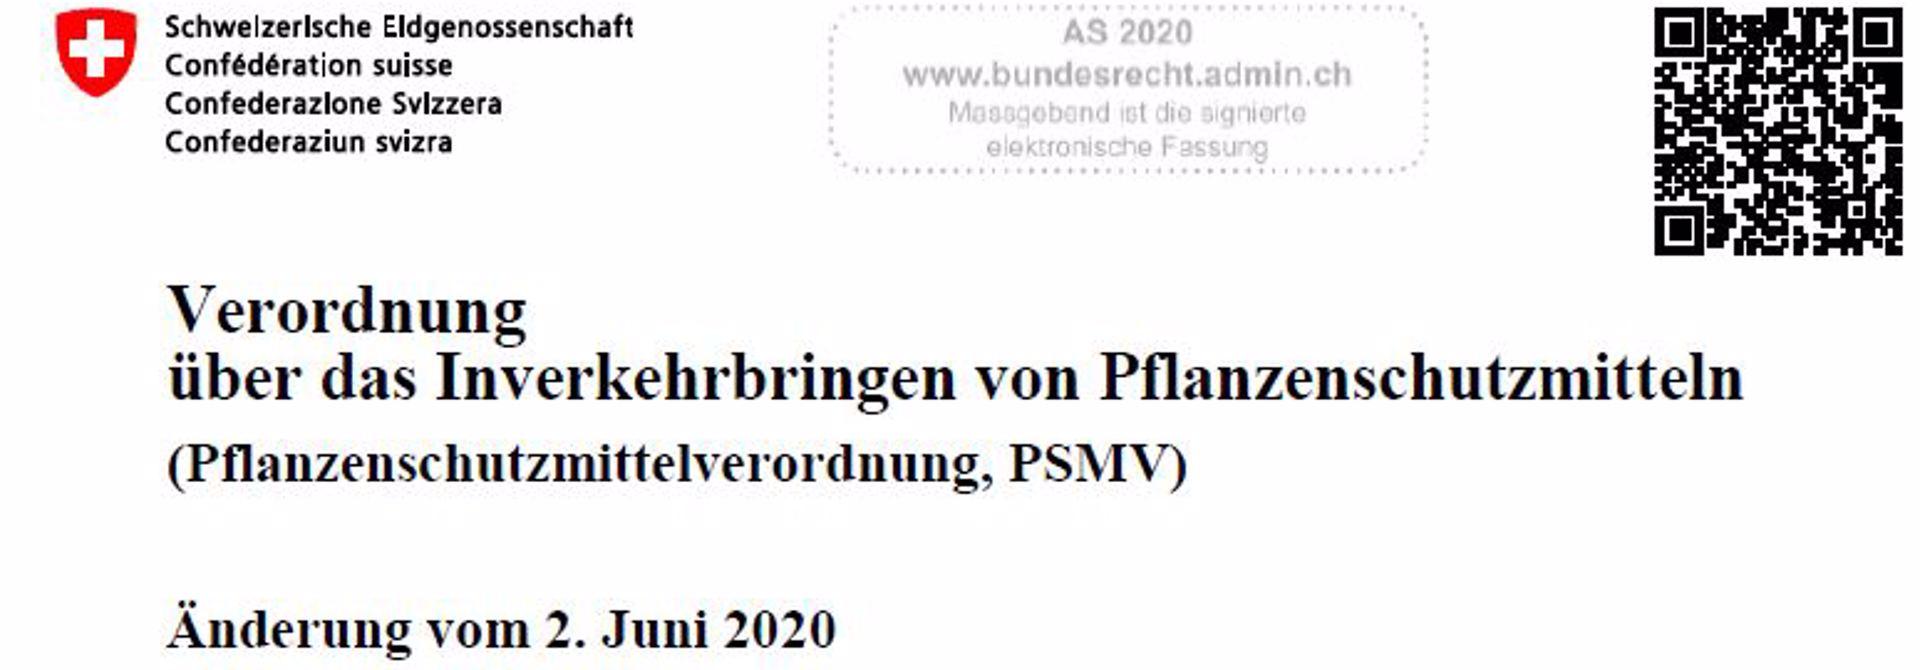 u00c4nderungen der Pflanzenschutzmittel-Verordnung 2.7.2020>